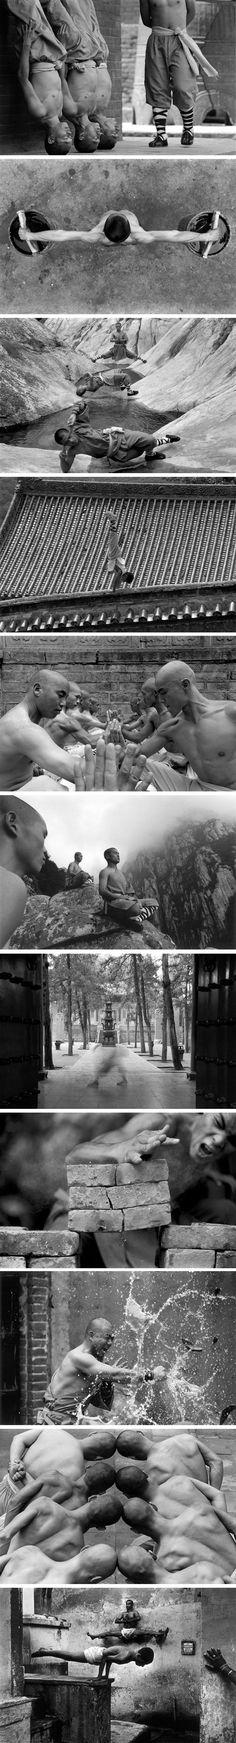 The Shaolin Training